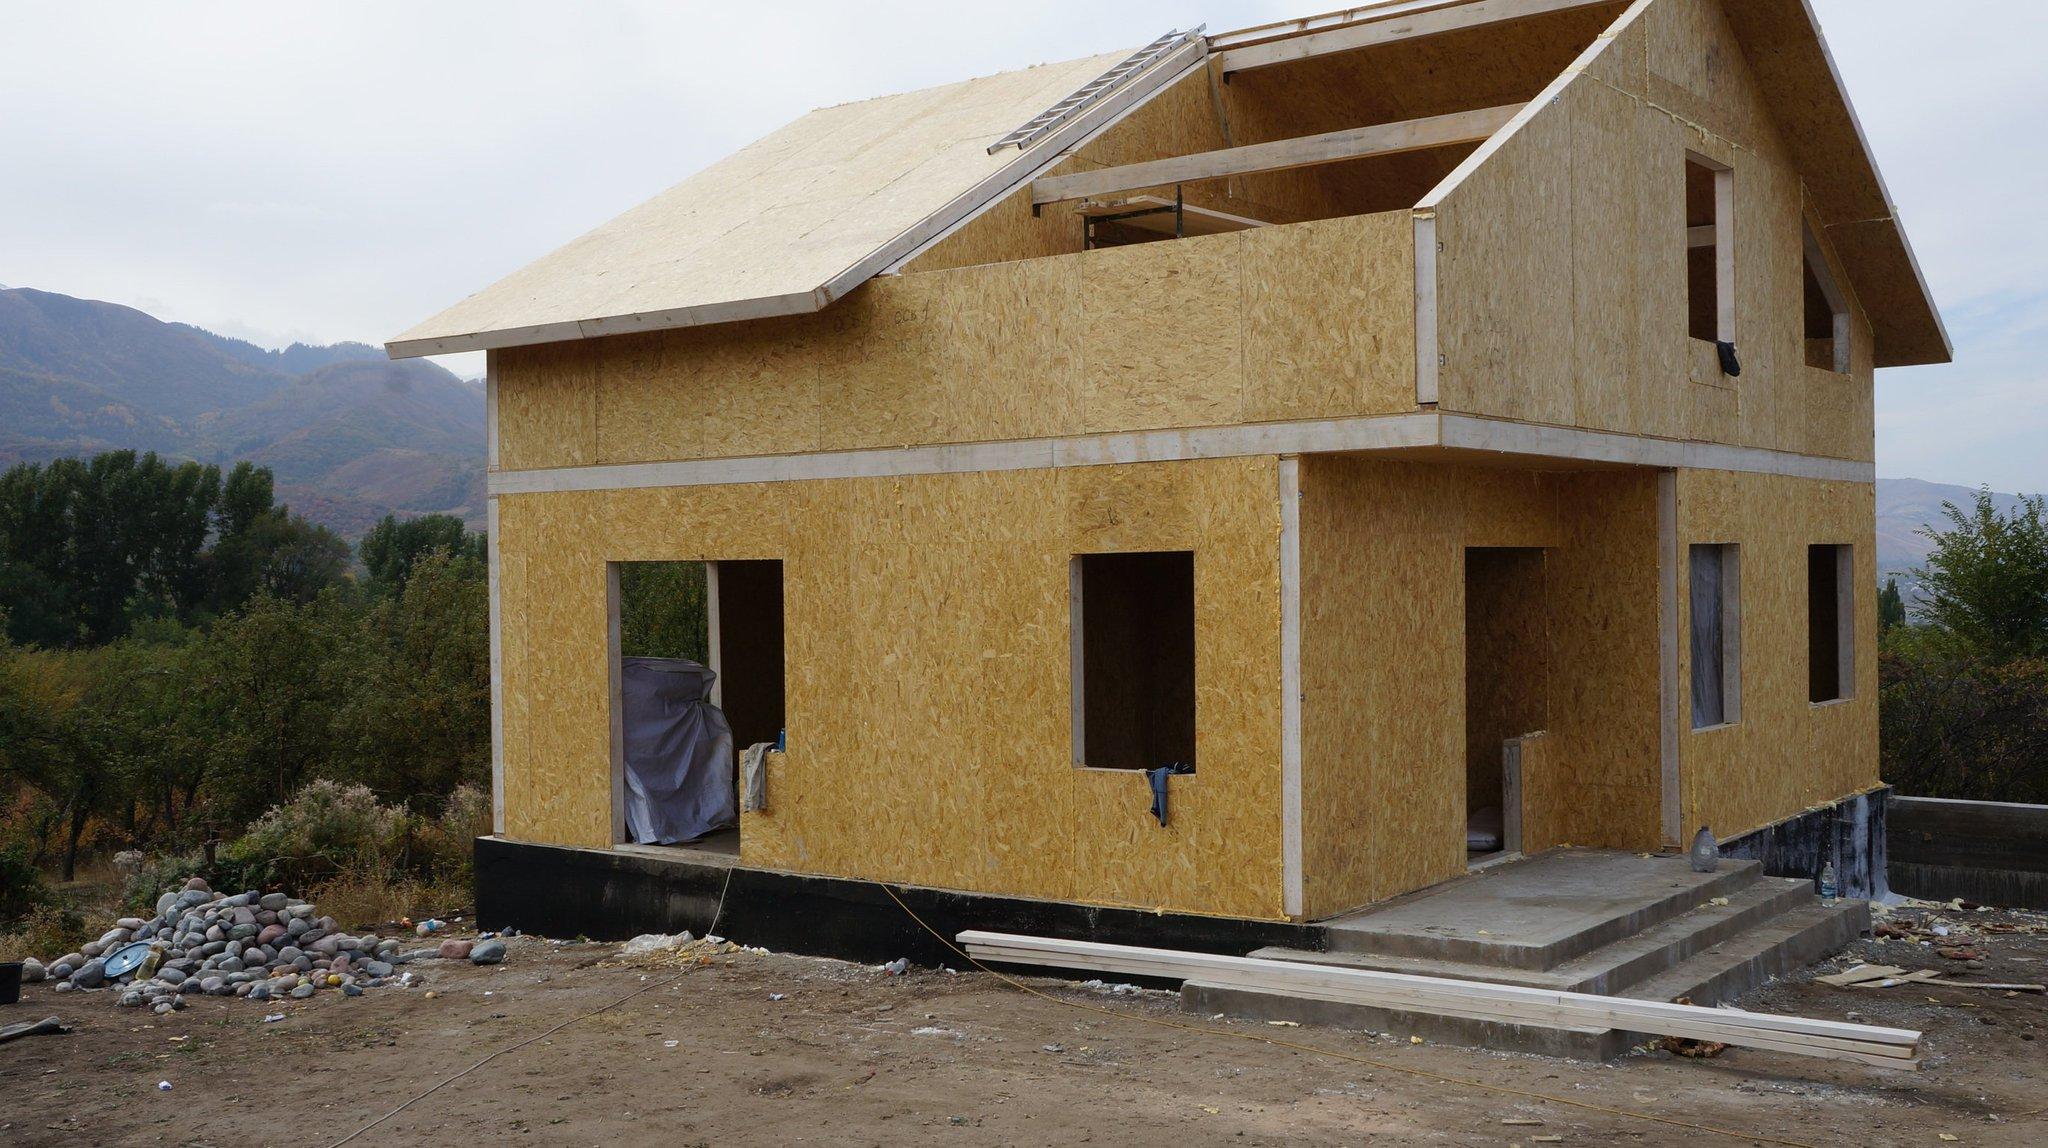 один дома из сип панелей картинки по канадской технологии предыдущие